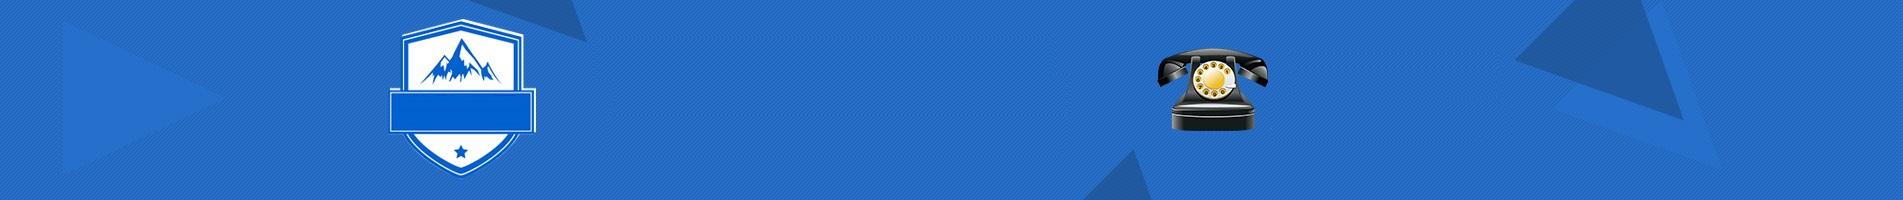 hình menu ngang web automaticdoor.vn